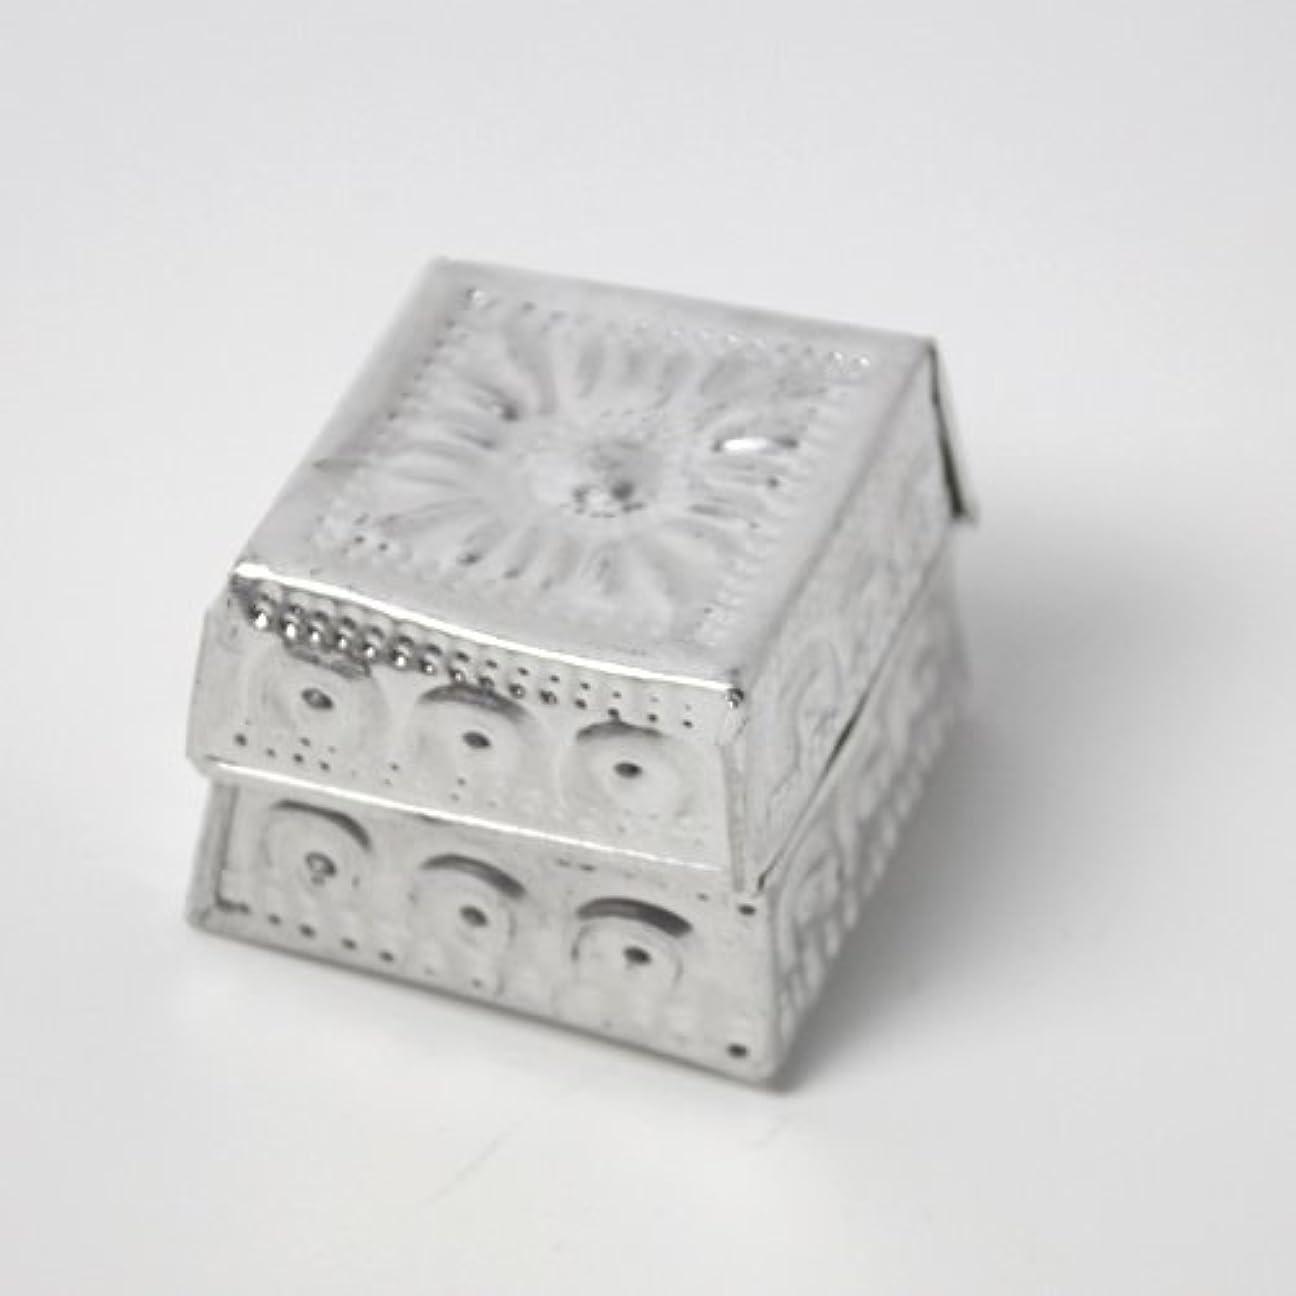 行う有限アクティブアルミアートのボックスにはいったアロマキャンドル?四角